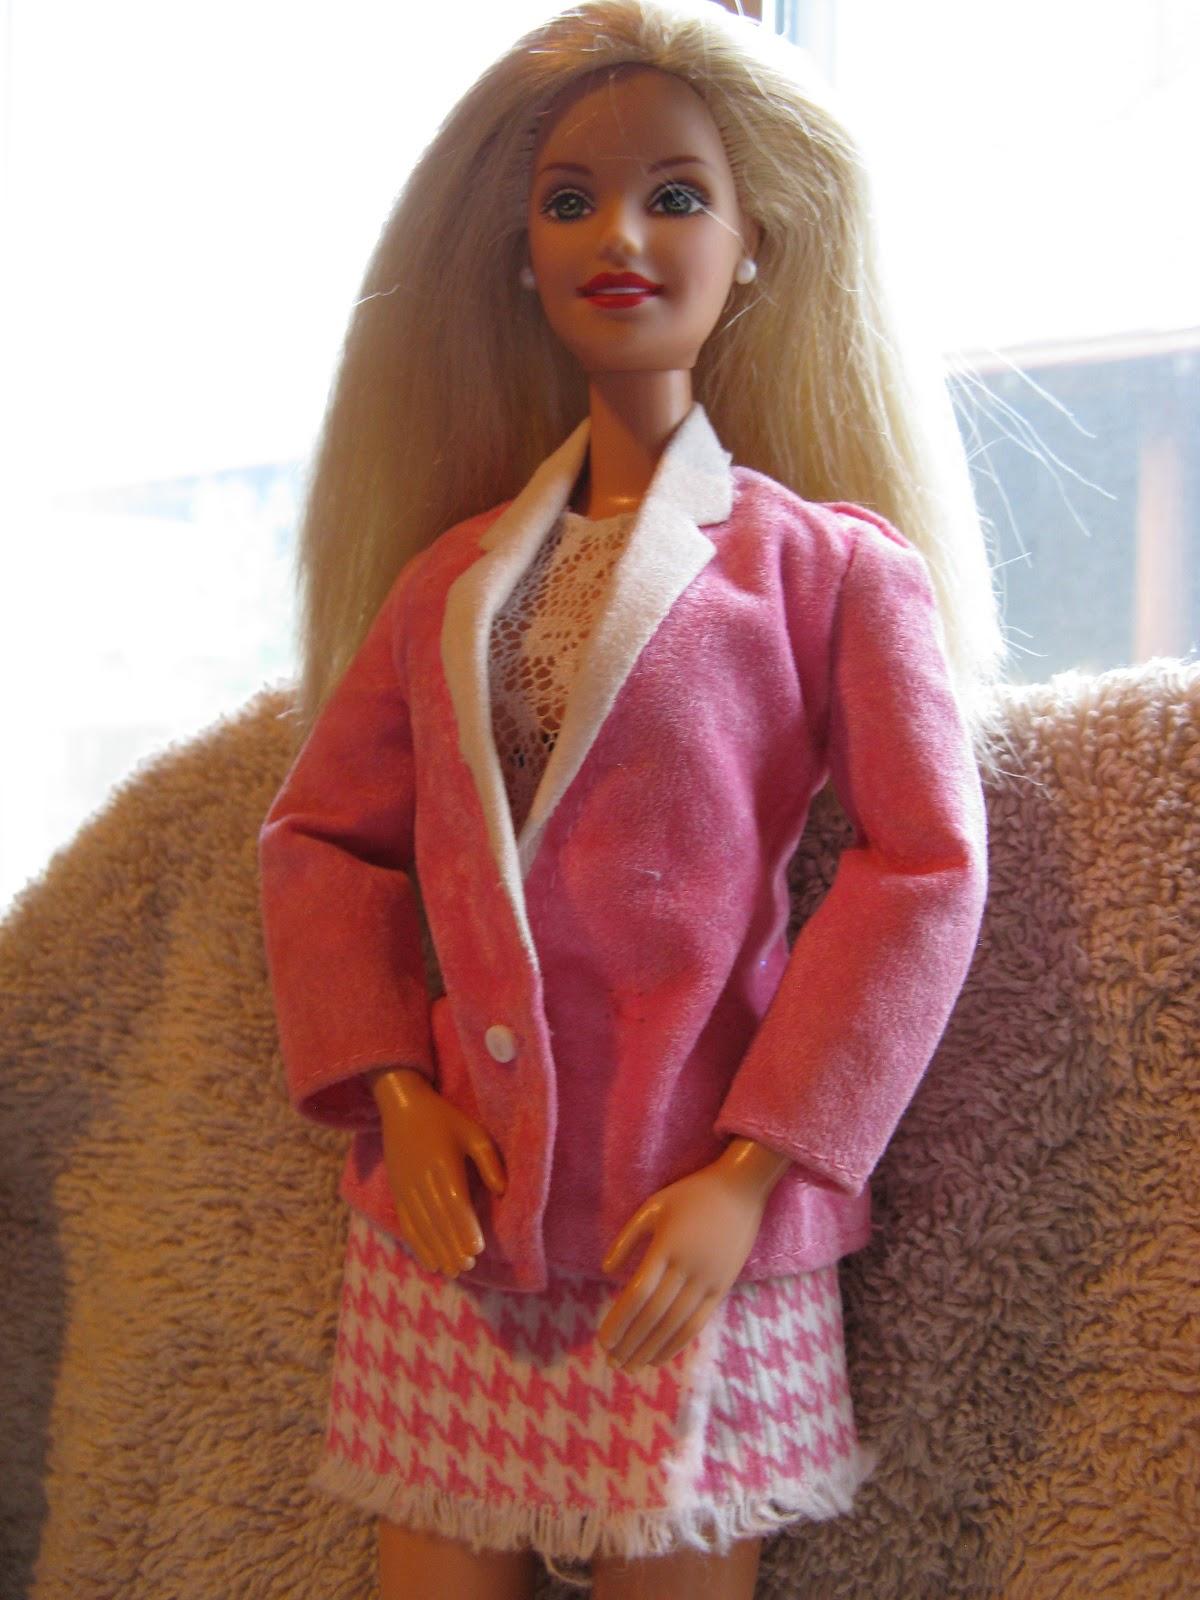 Эта Барби оказалась слишком розовой для бизнес-леди